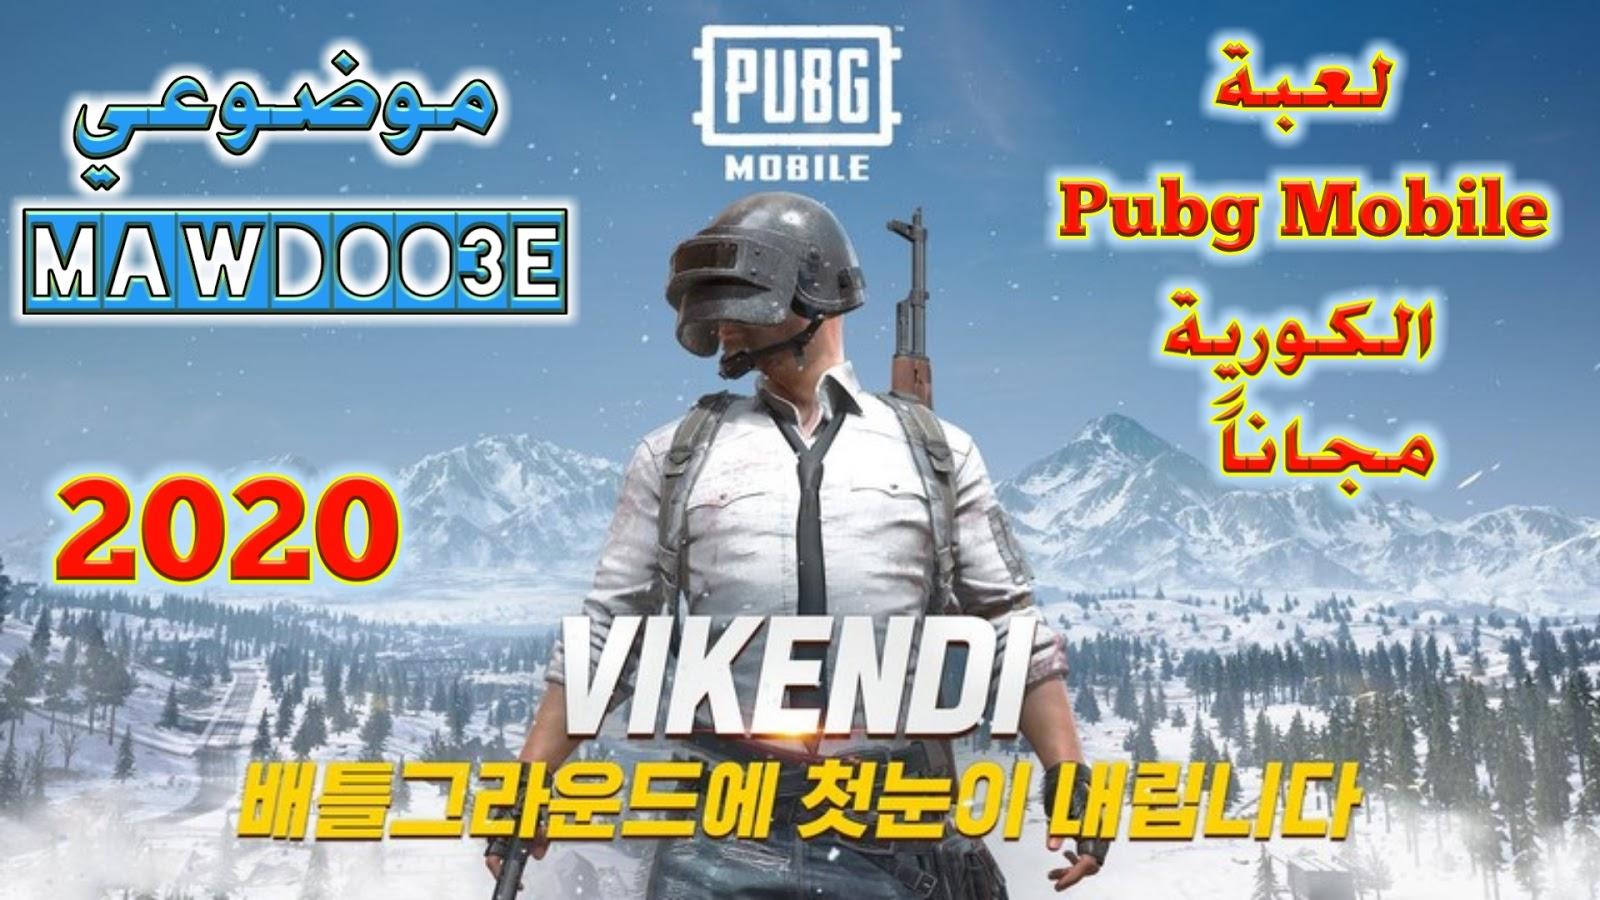 تحميل لعبة ببجي موبايل النسخة الكورية مجانا آخر إصدار مواصفات